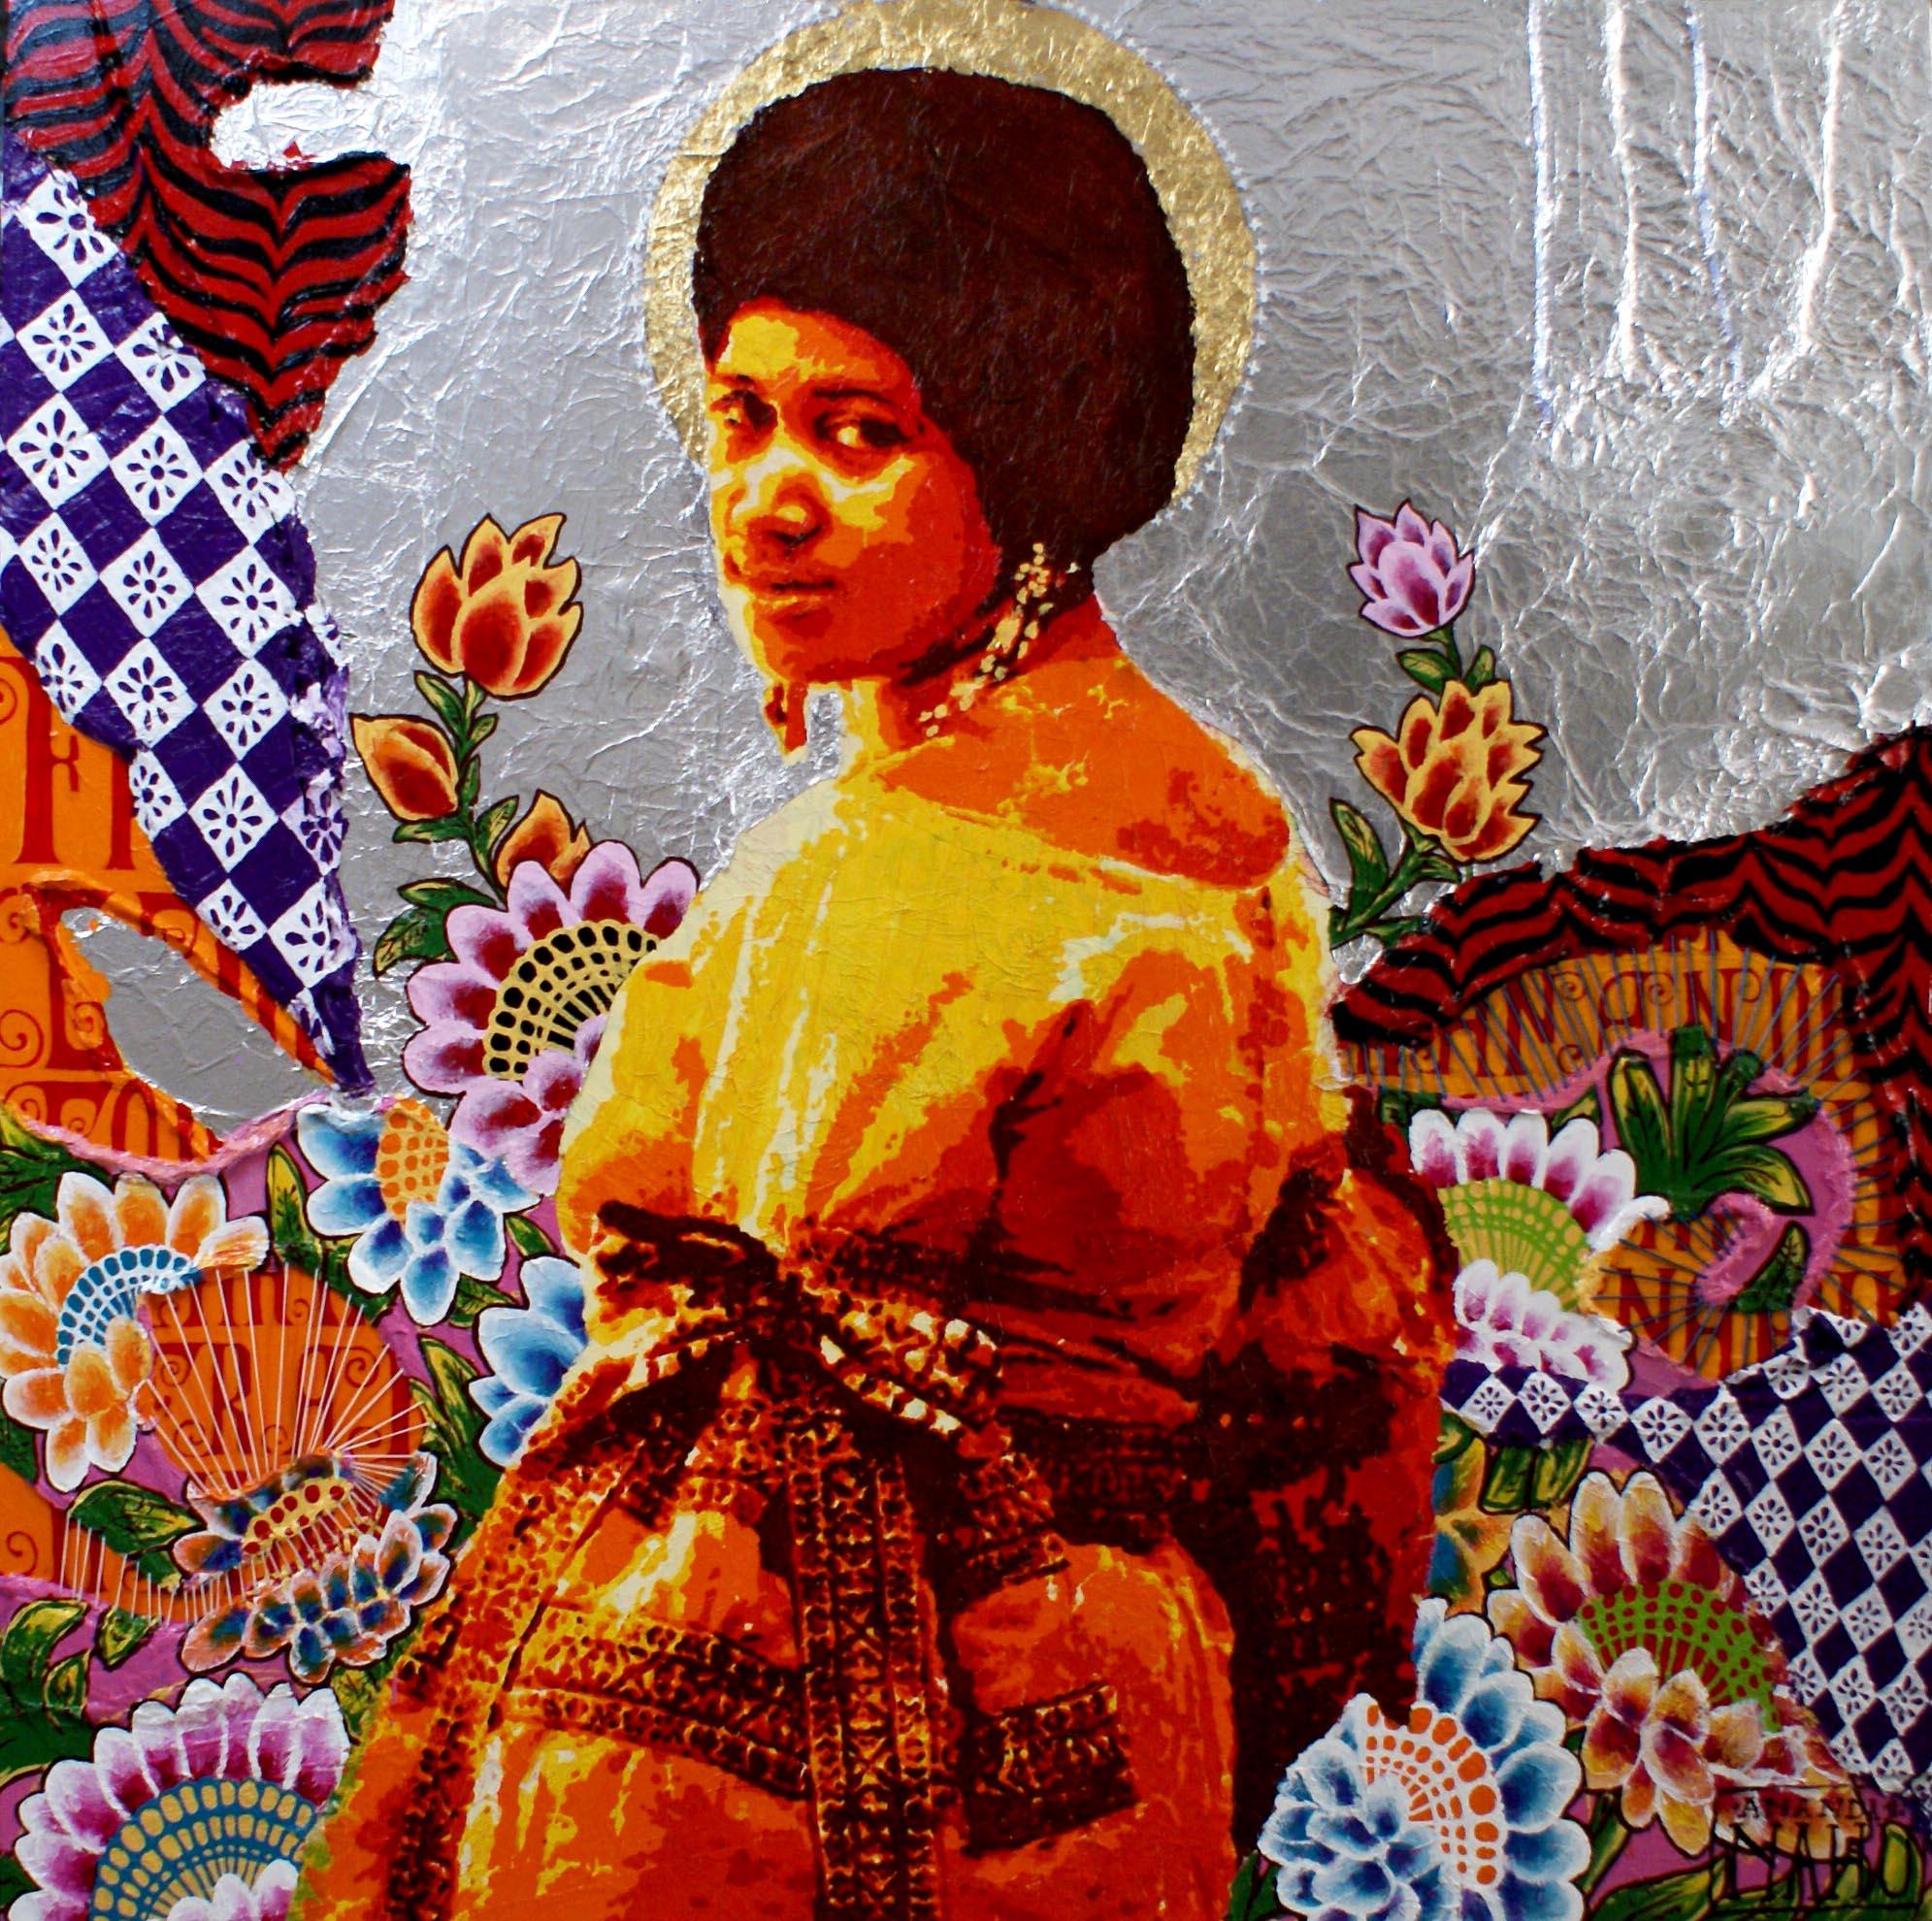 Ananda-Nahu-mejores-artistas-brasileños